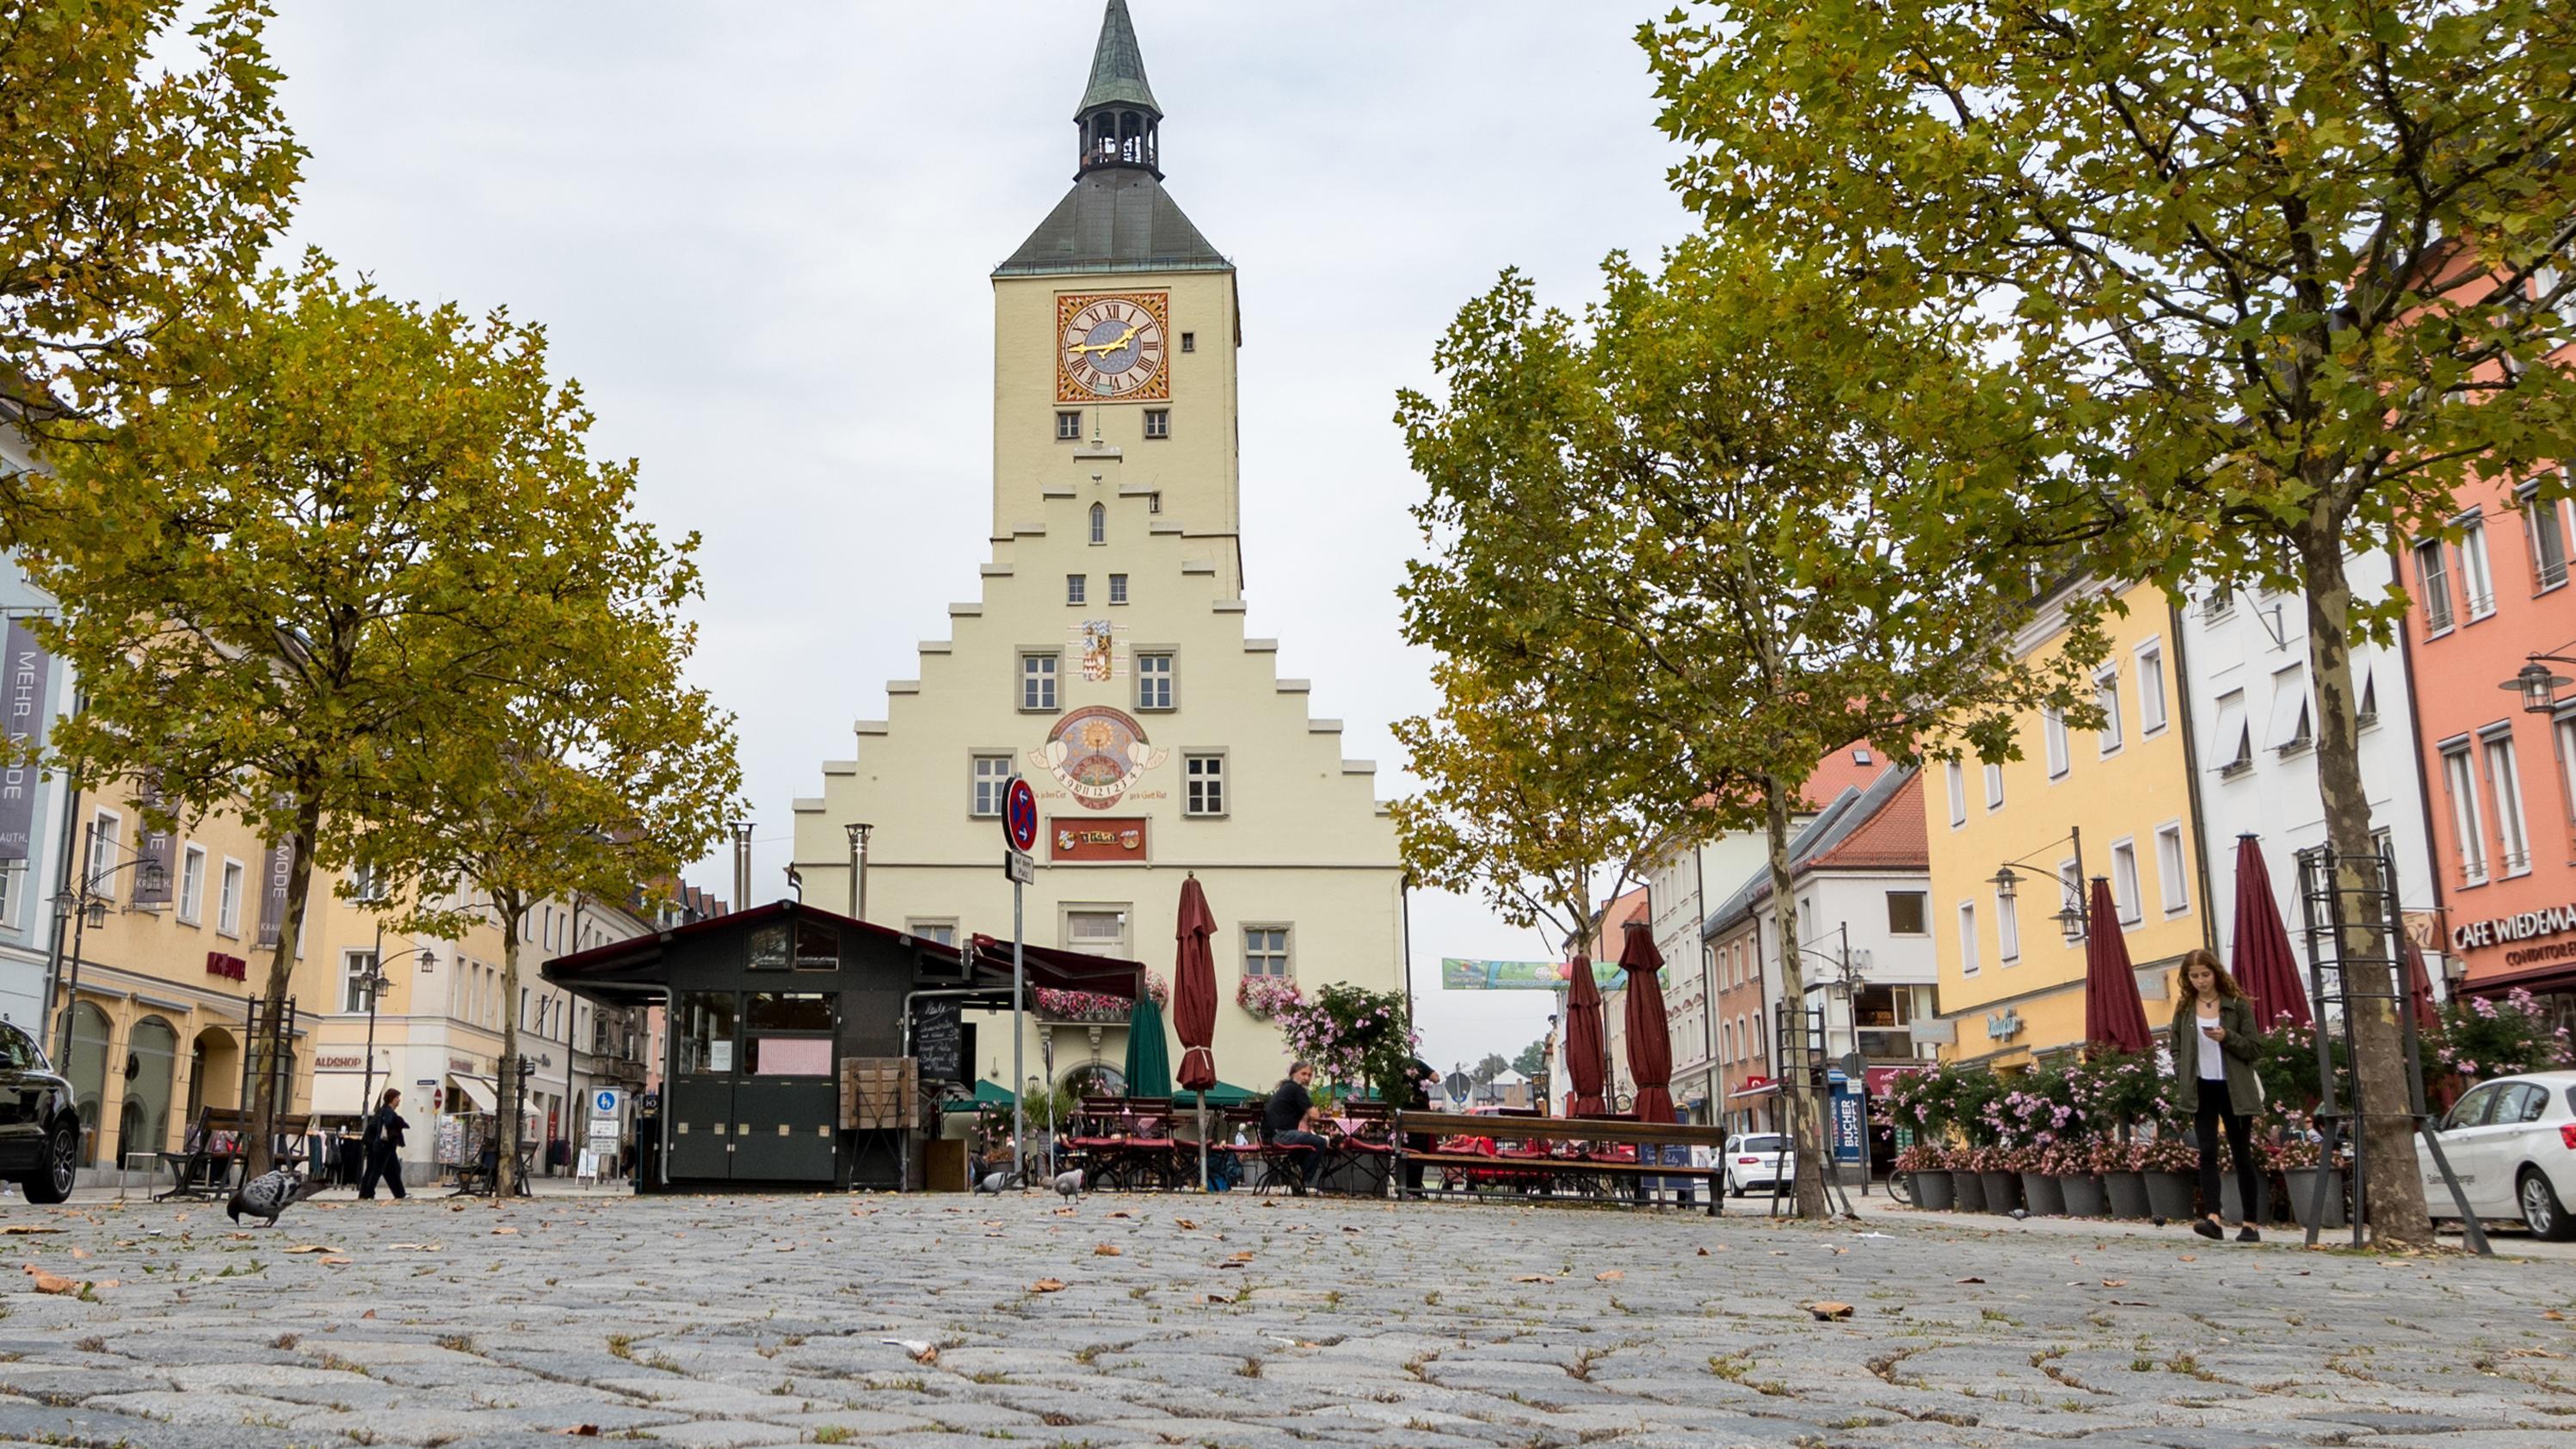 Deggendorfer Altstadt